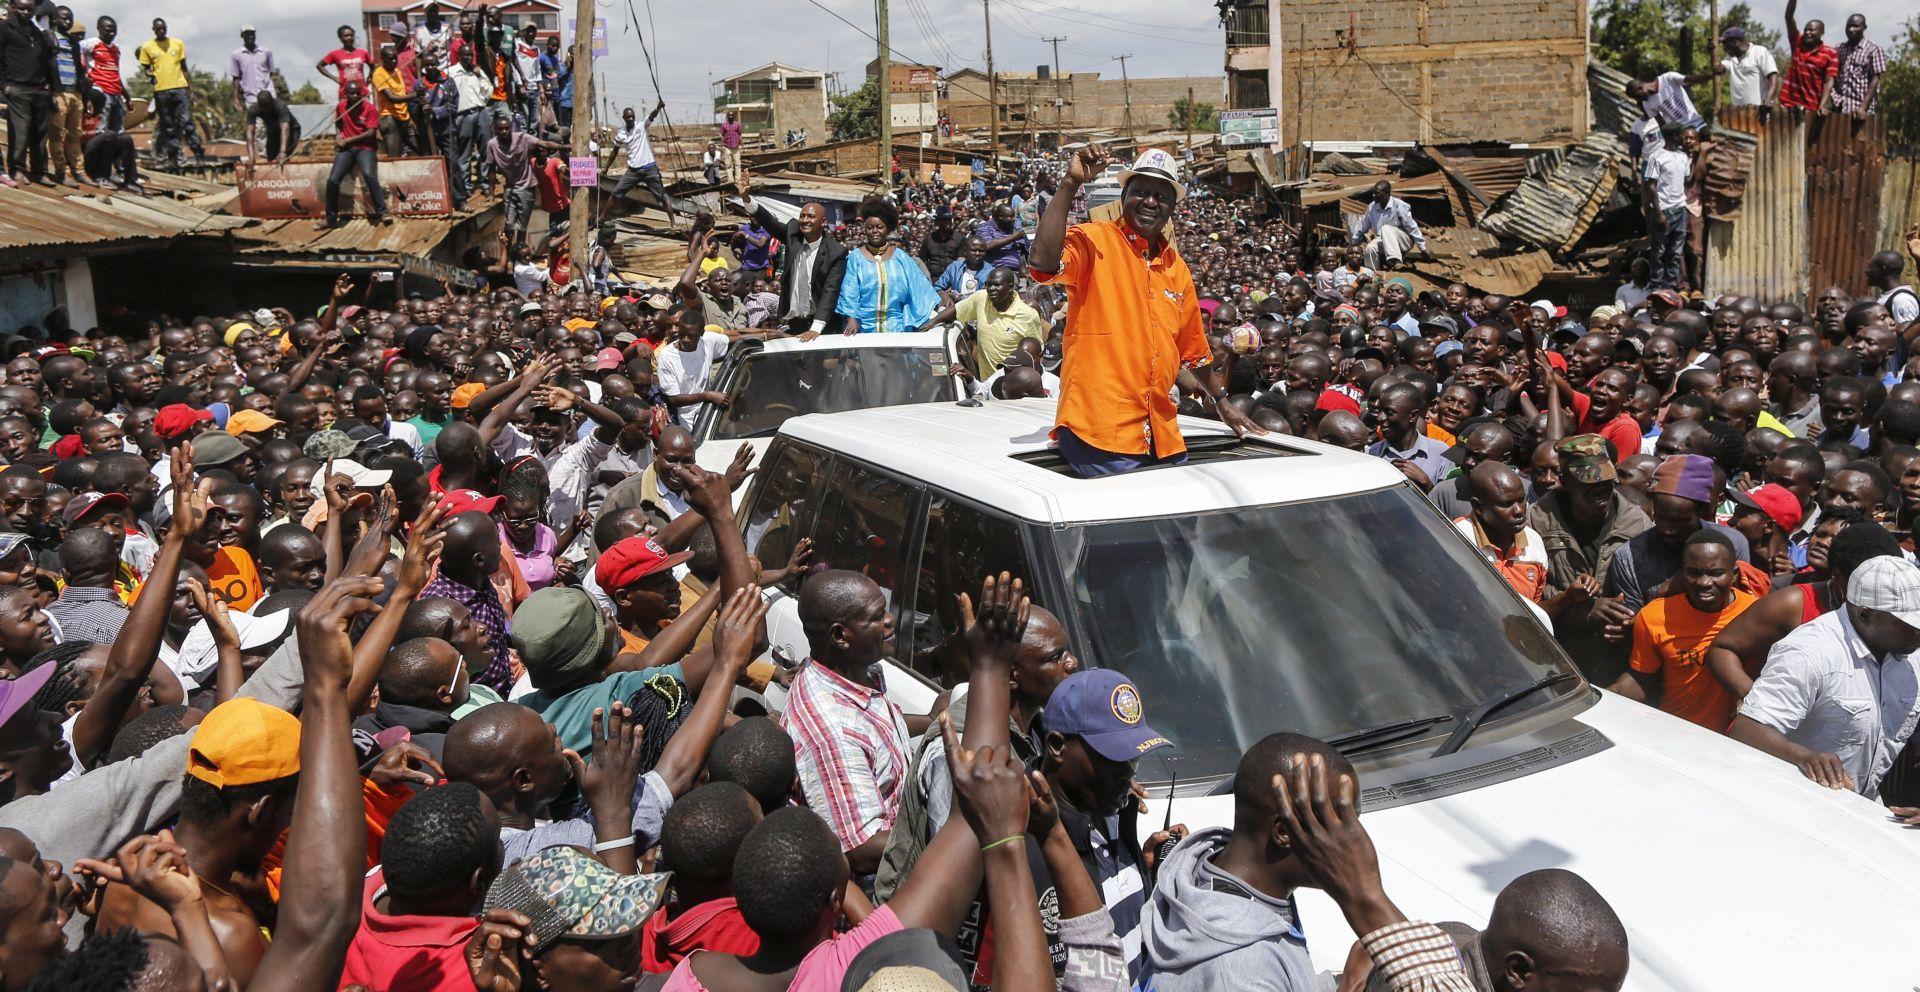 Kenijski predsjednik Kenyatta izabran s čak 98 posto glasova